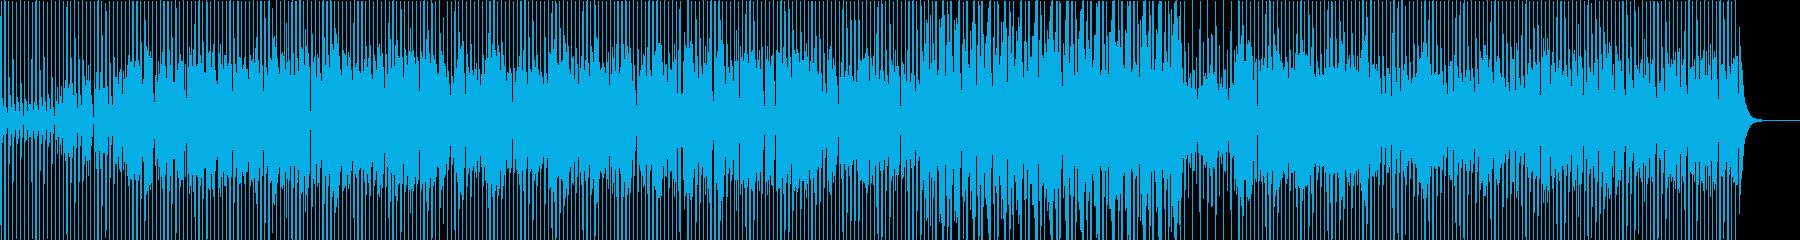 RELAXIN'の再生済みの波形